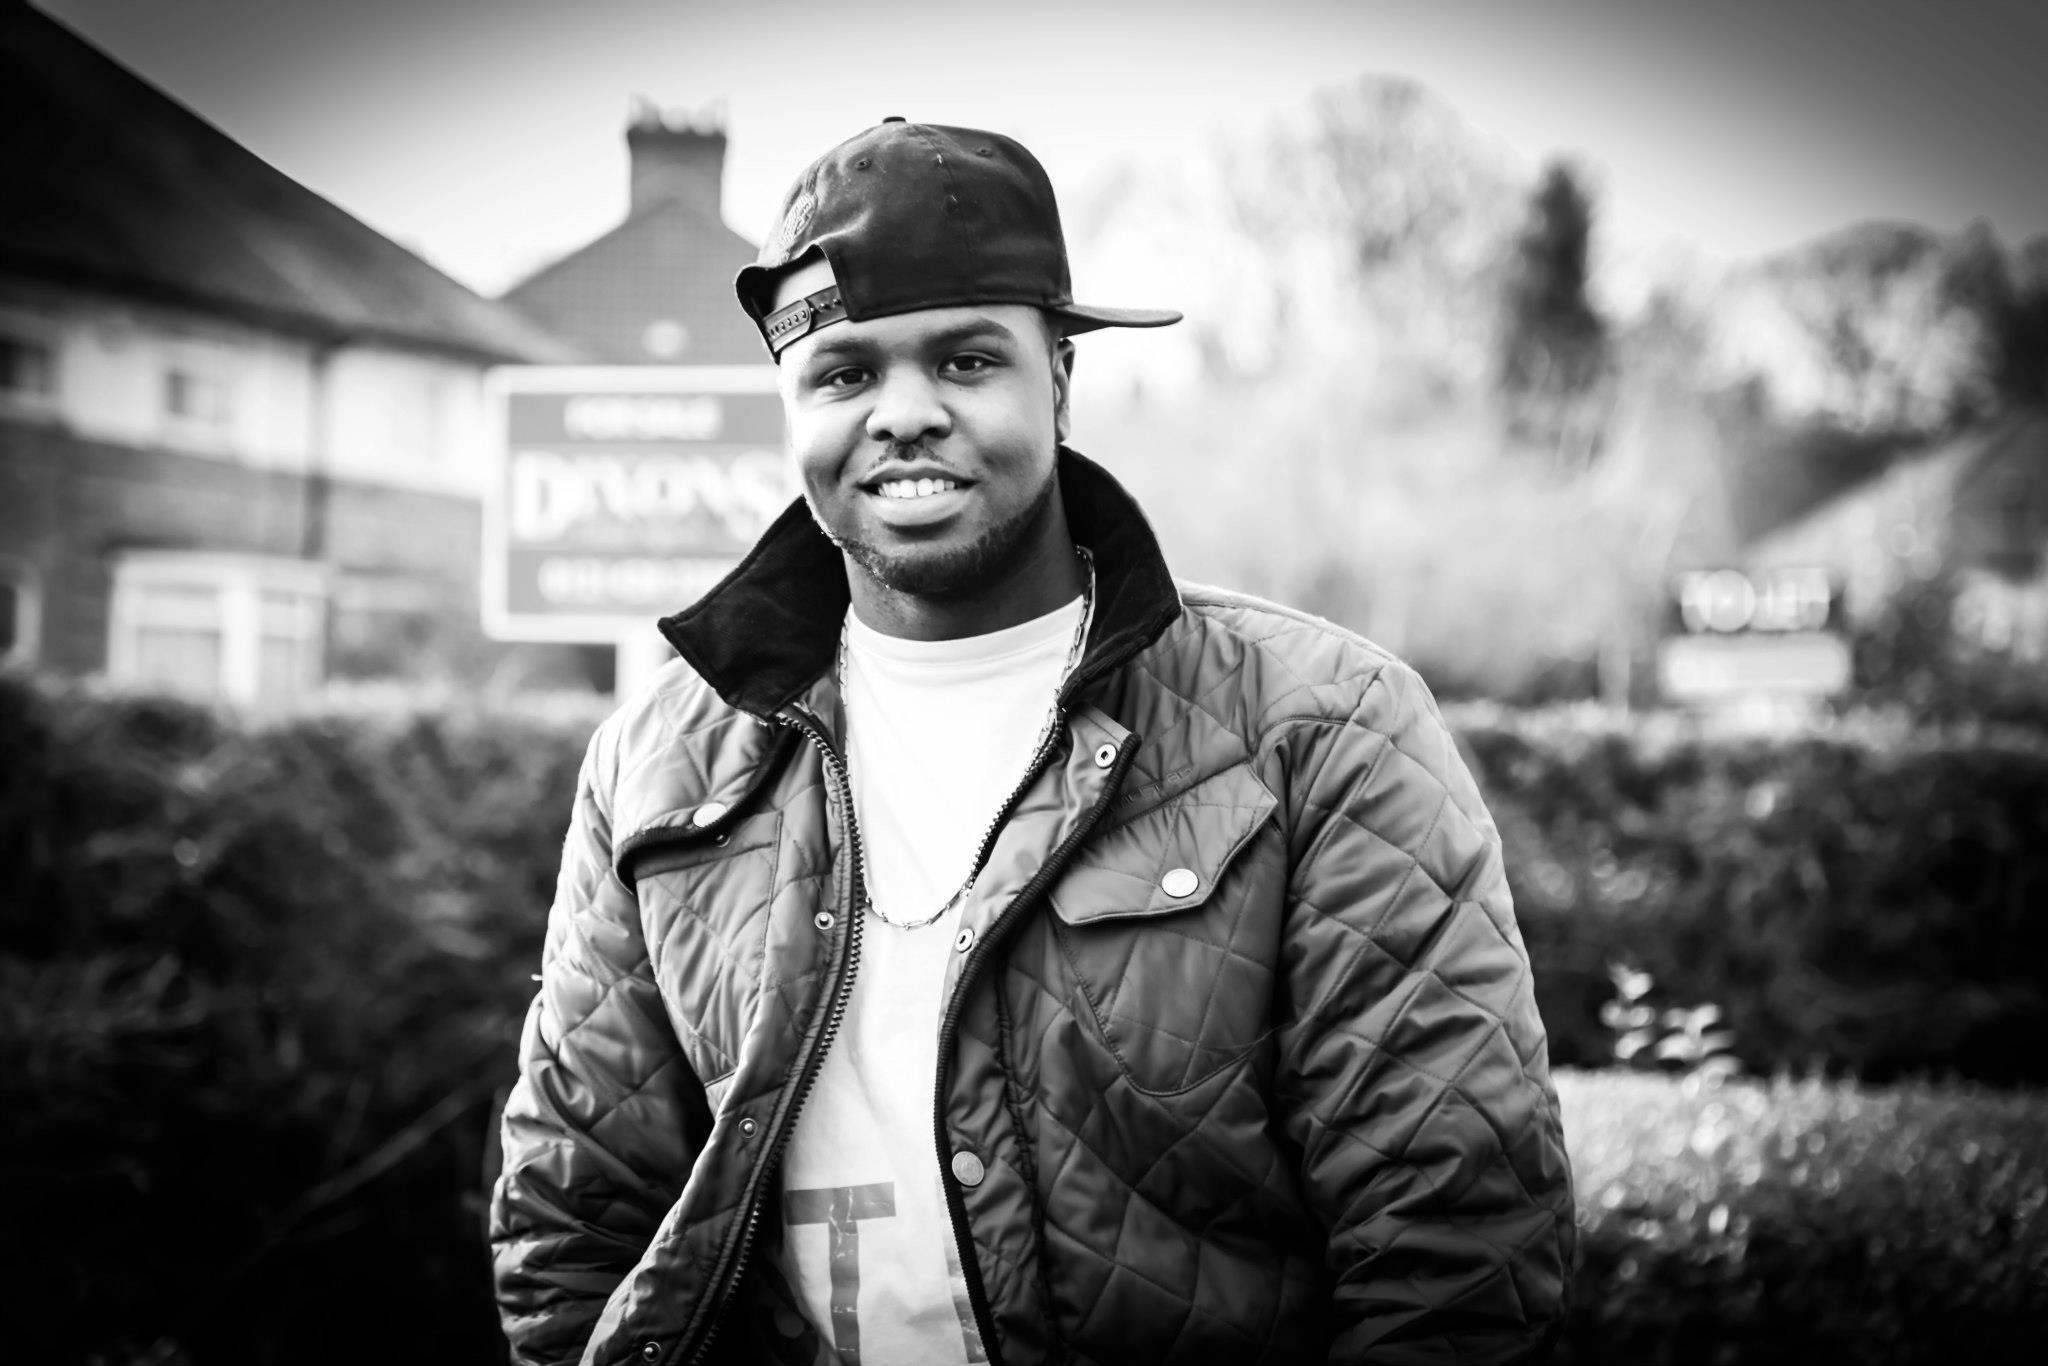 Filmmaker Daniel Alexander has been confirmed as taking part ©Birmingham 2022